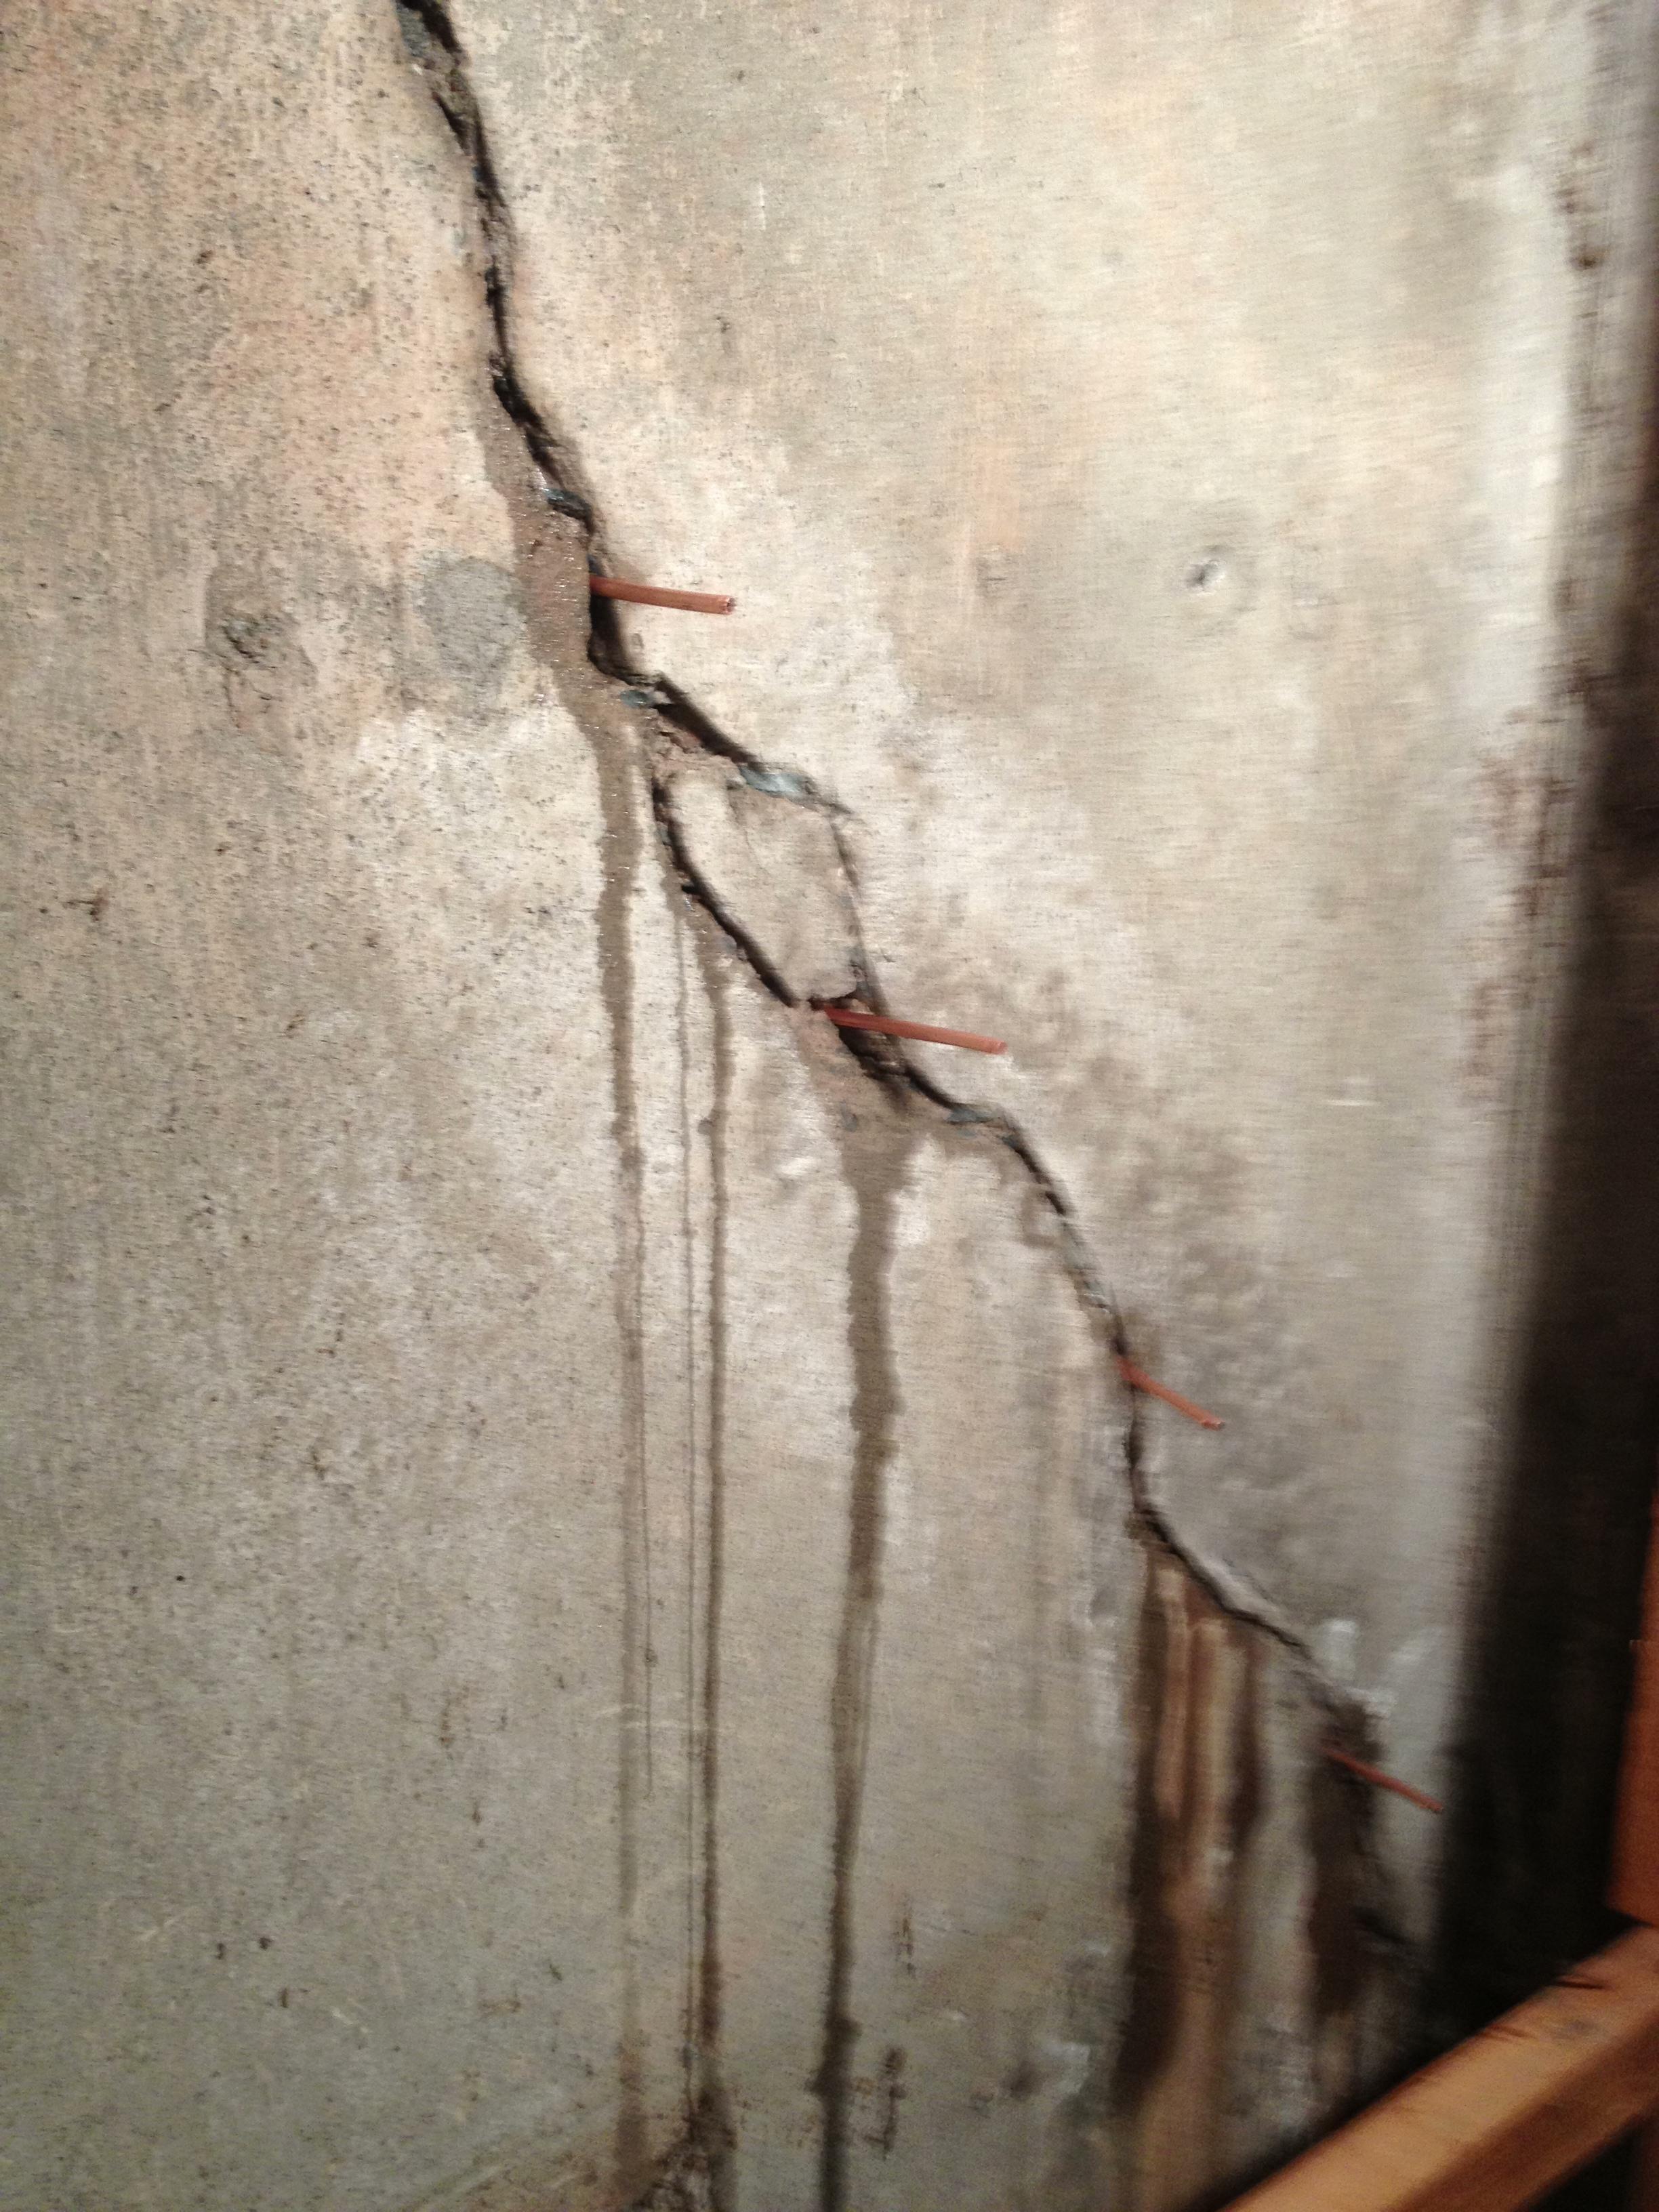 Vertical Wall Crack Prep 01 - Attack A Crack™